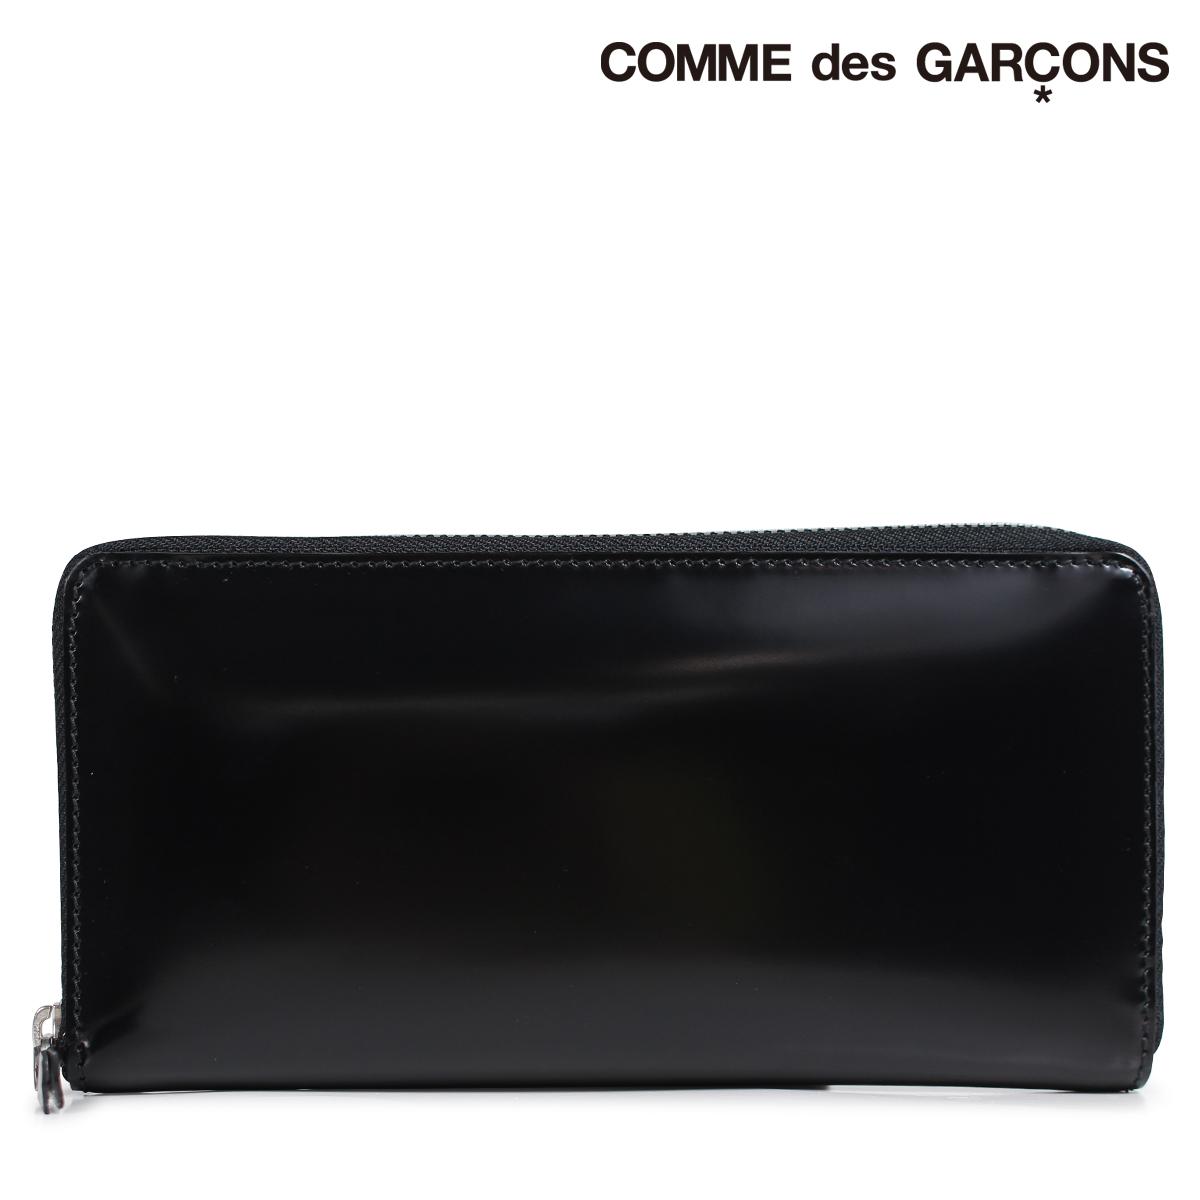 COMME des GARCONS 財布 メンズ レディース 長財布 ラウンドファスナー コムデギャルソン SA0110MI ブラック [9/11 新入荷]